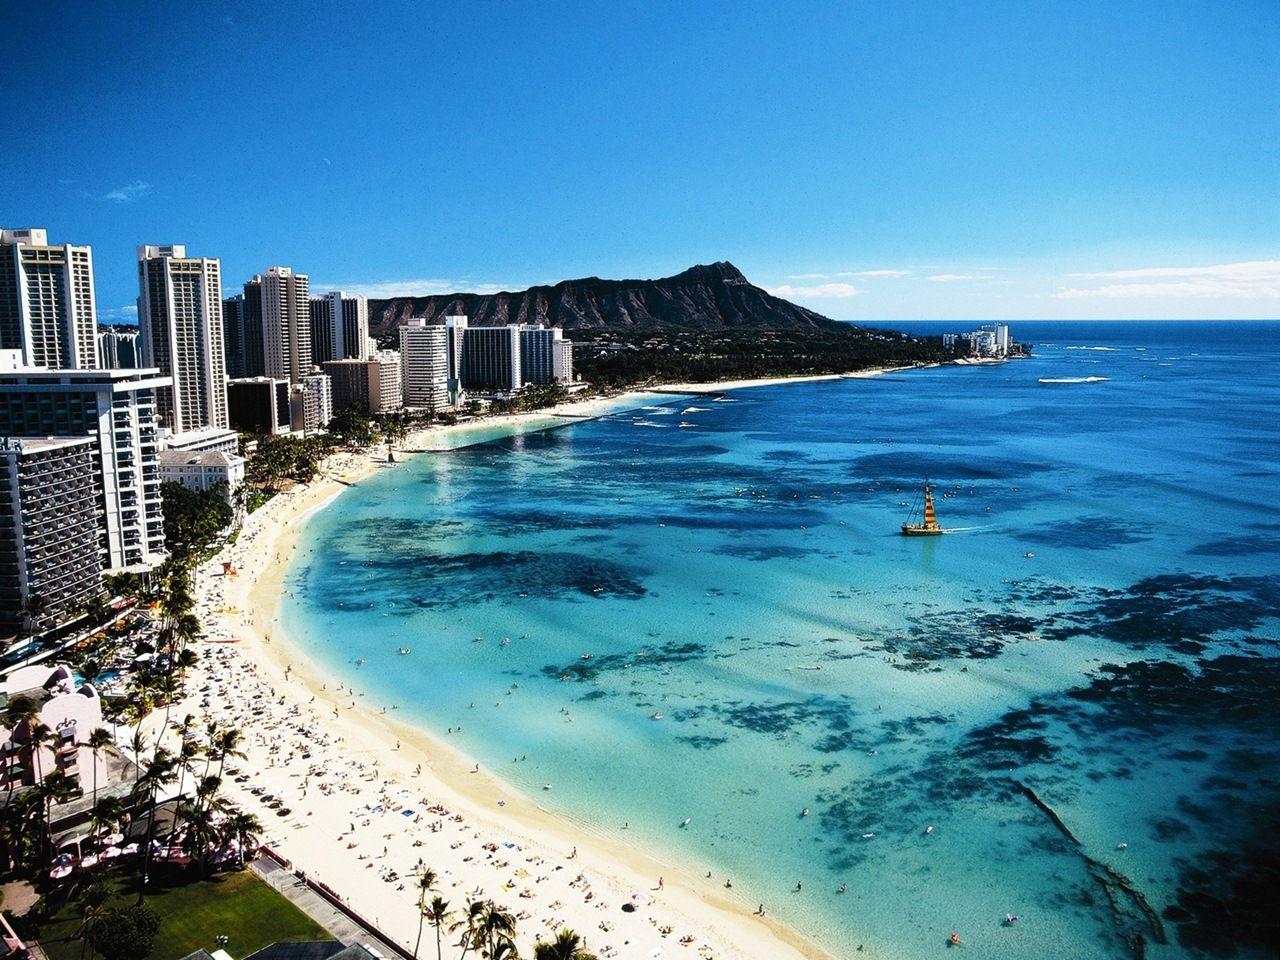 Honolulu Hawaii Beach The Best Beaches In World Is